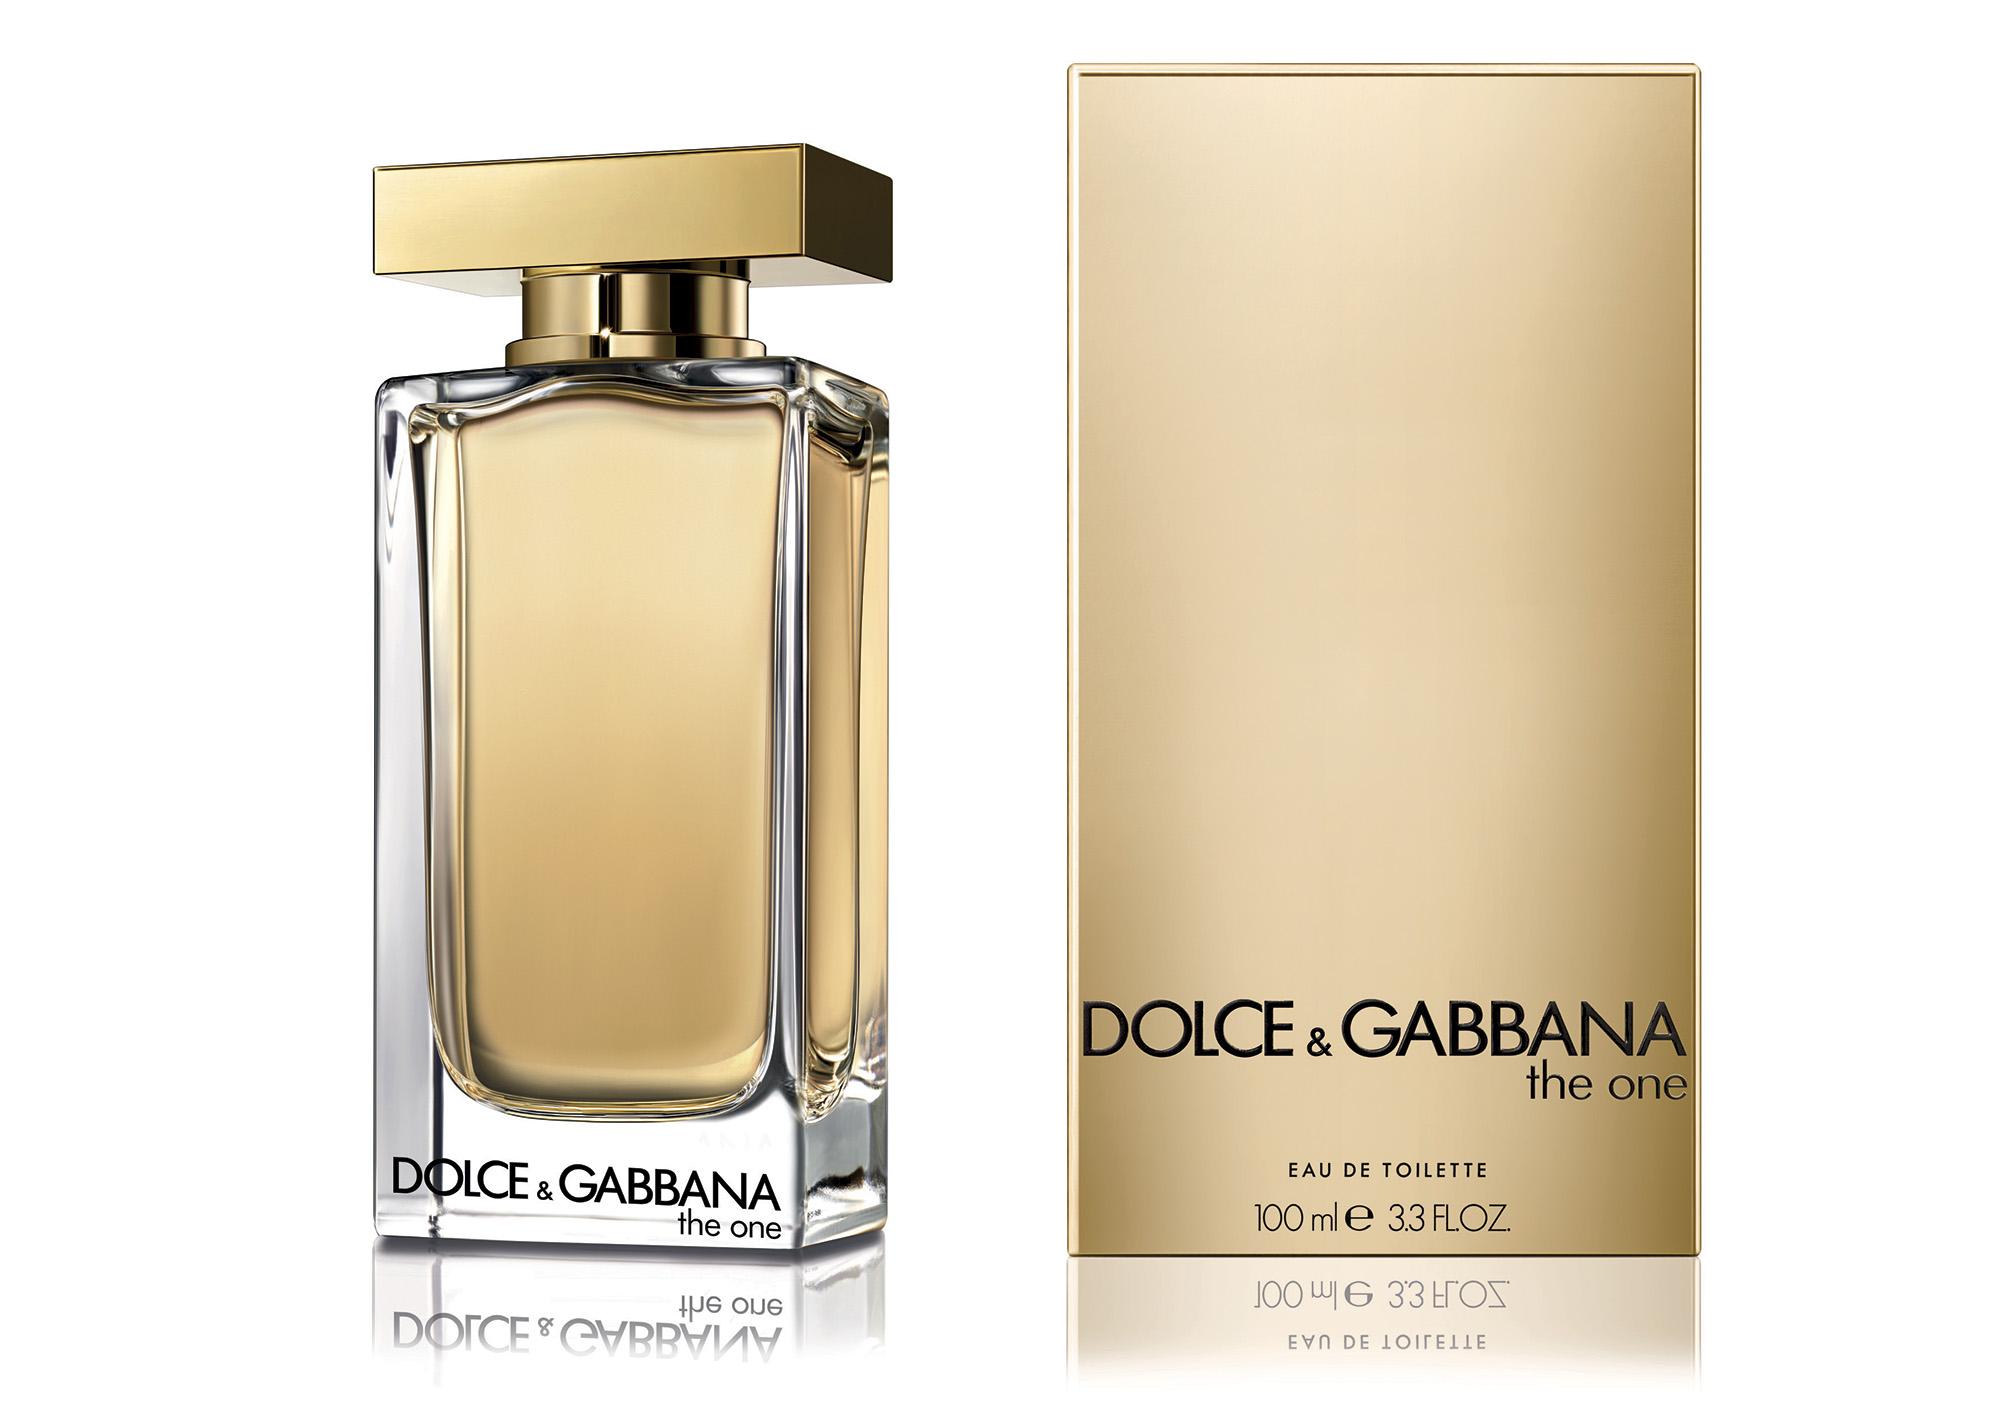 nuoc hoa dolce&gabbana 02